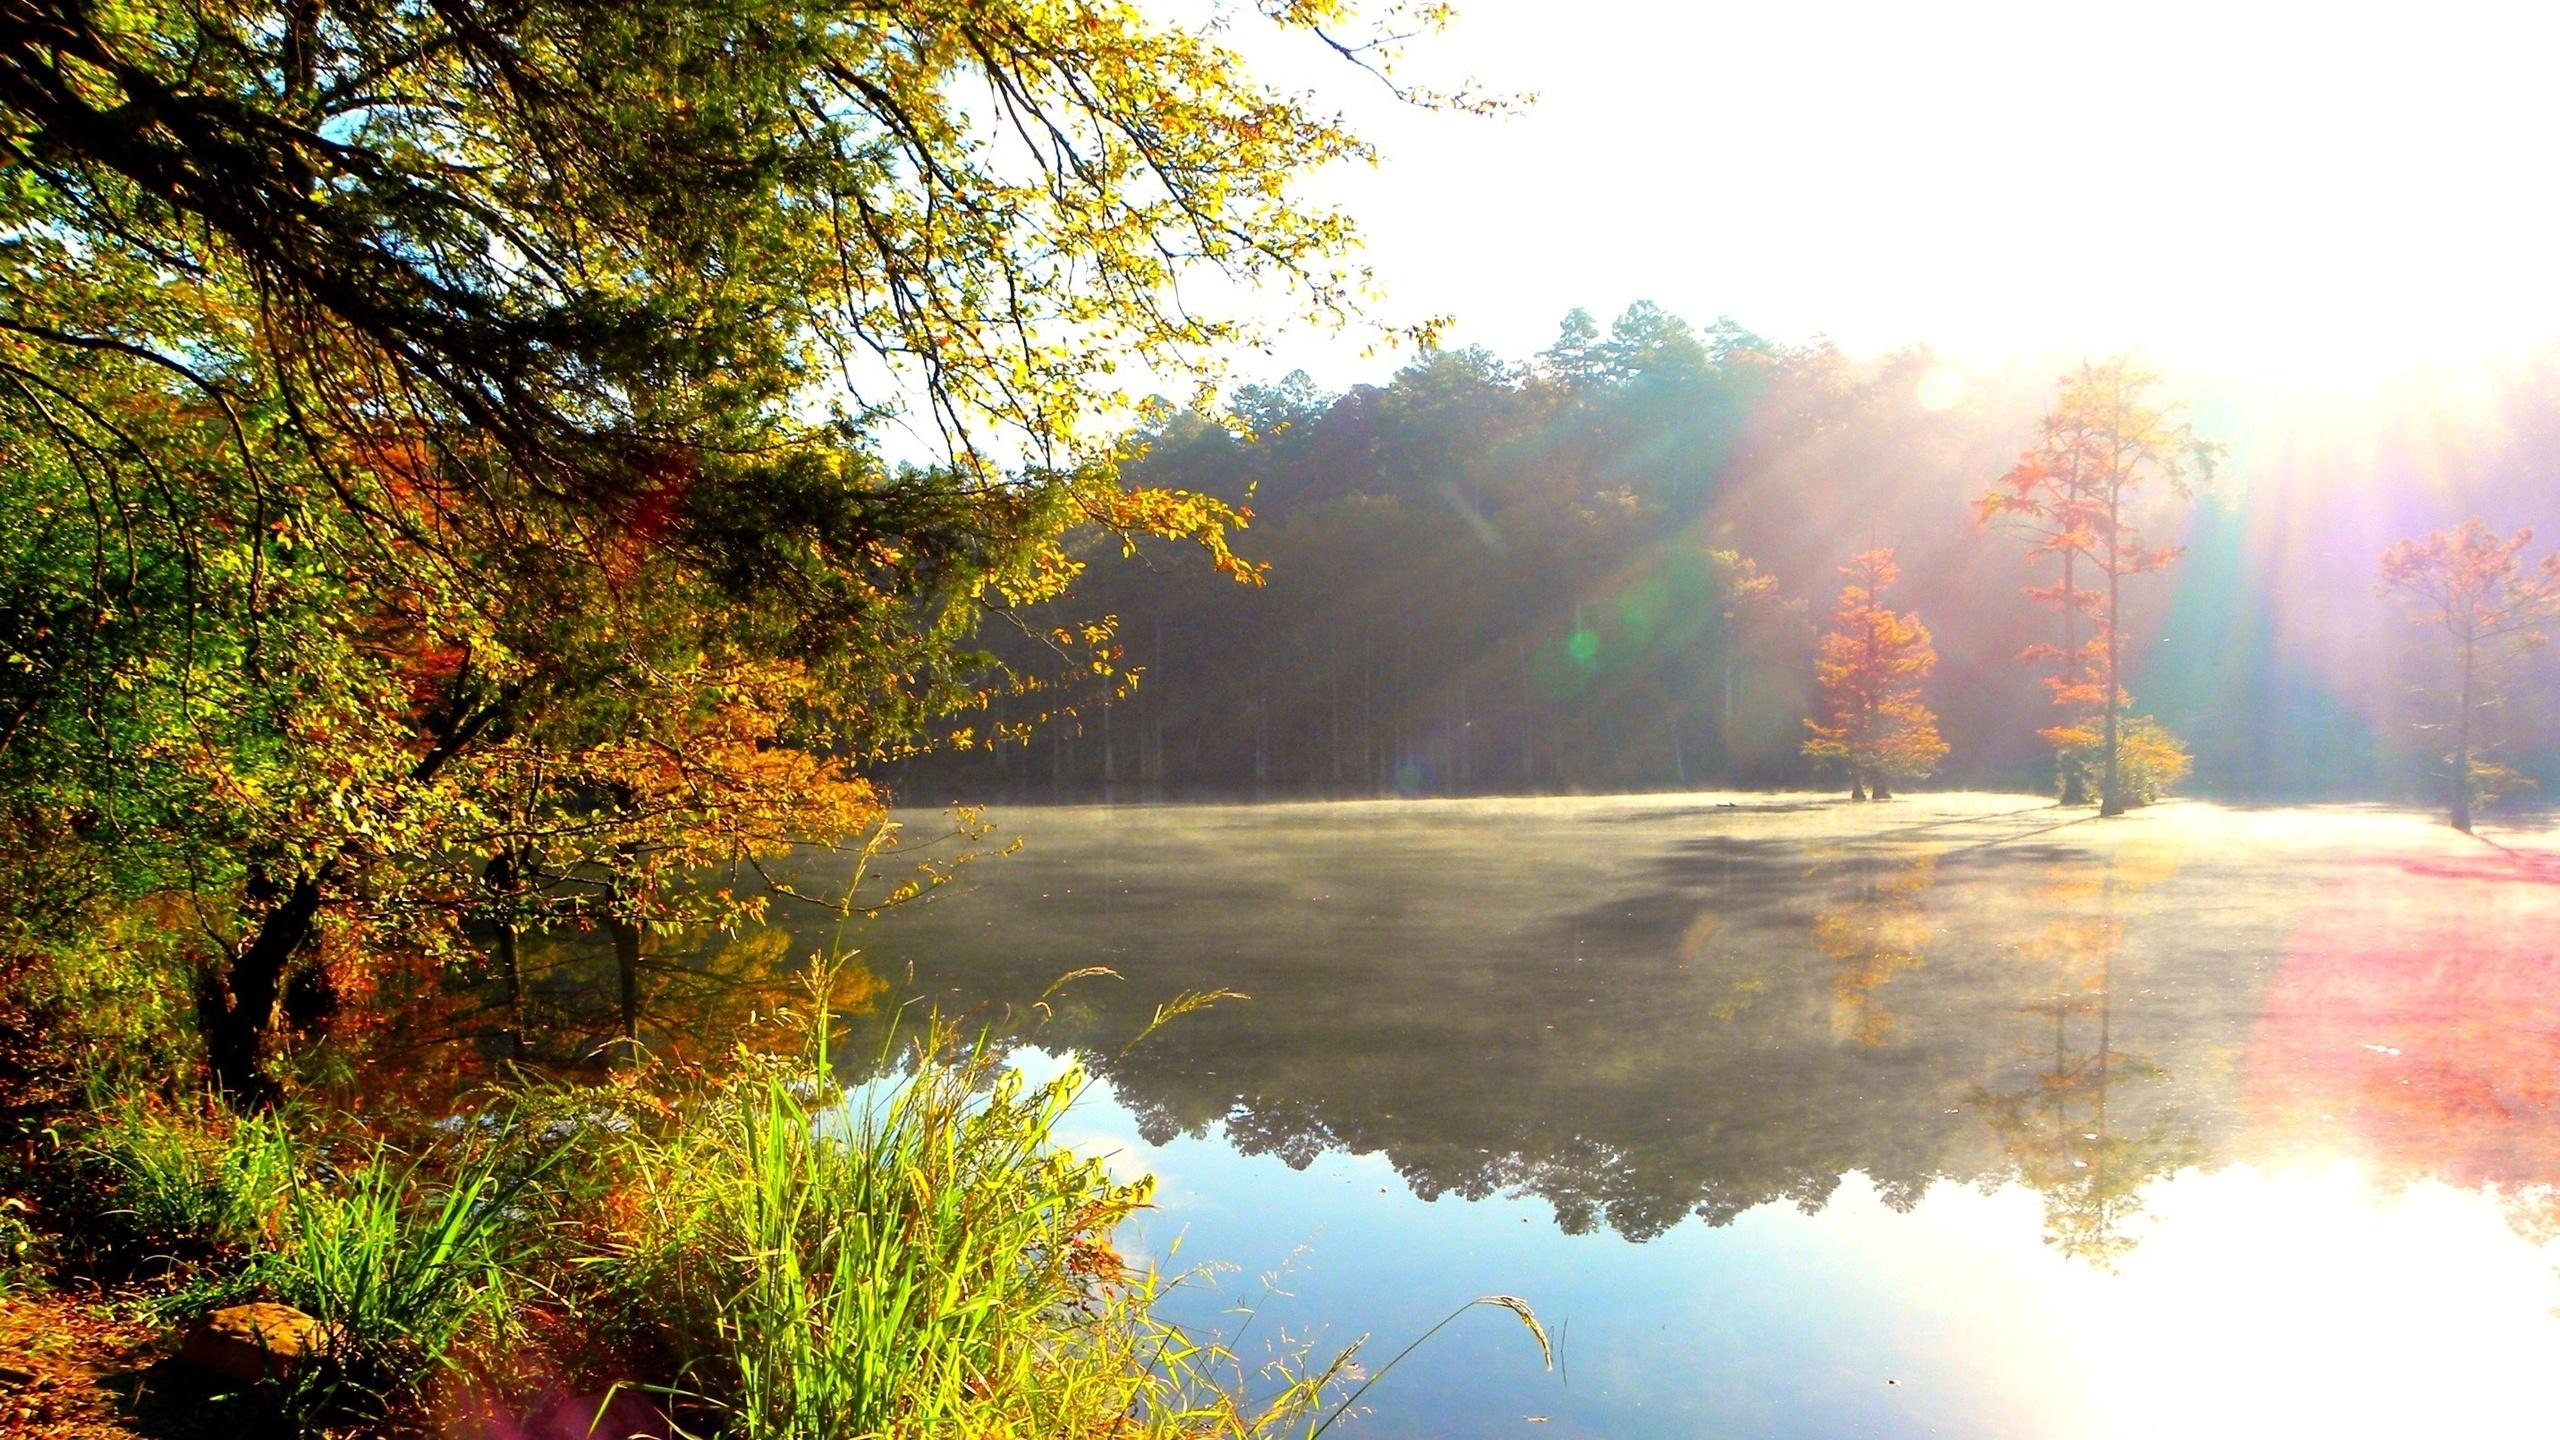 Картинки природы с добрым утром, картинки